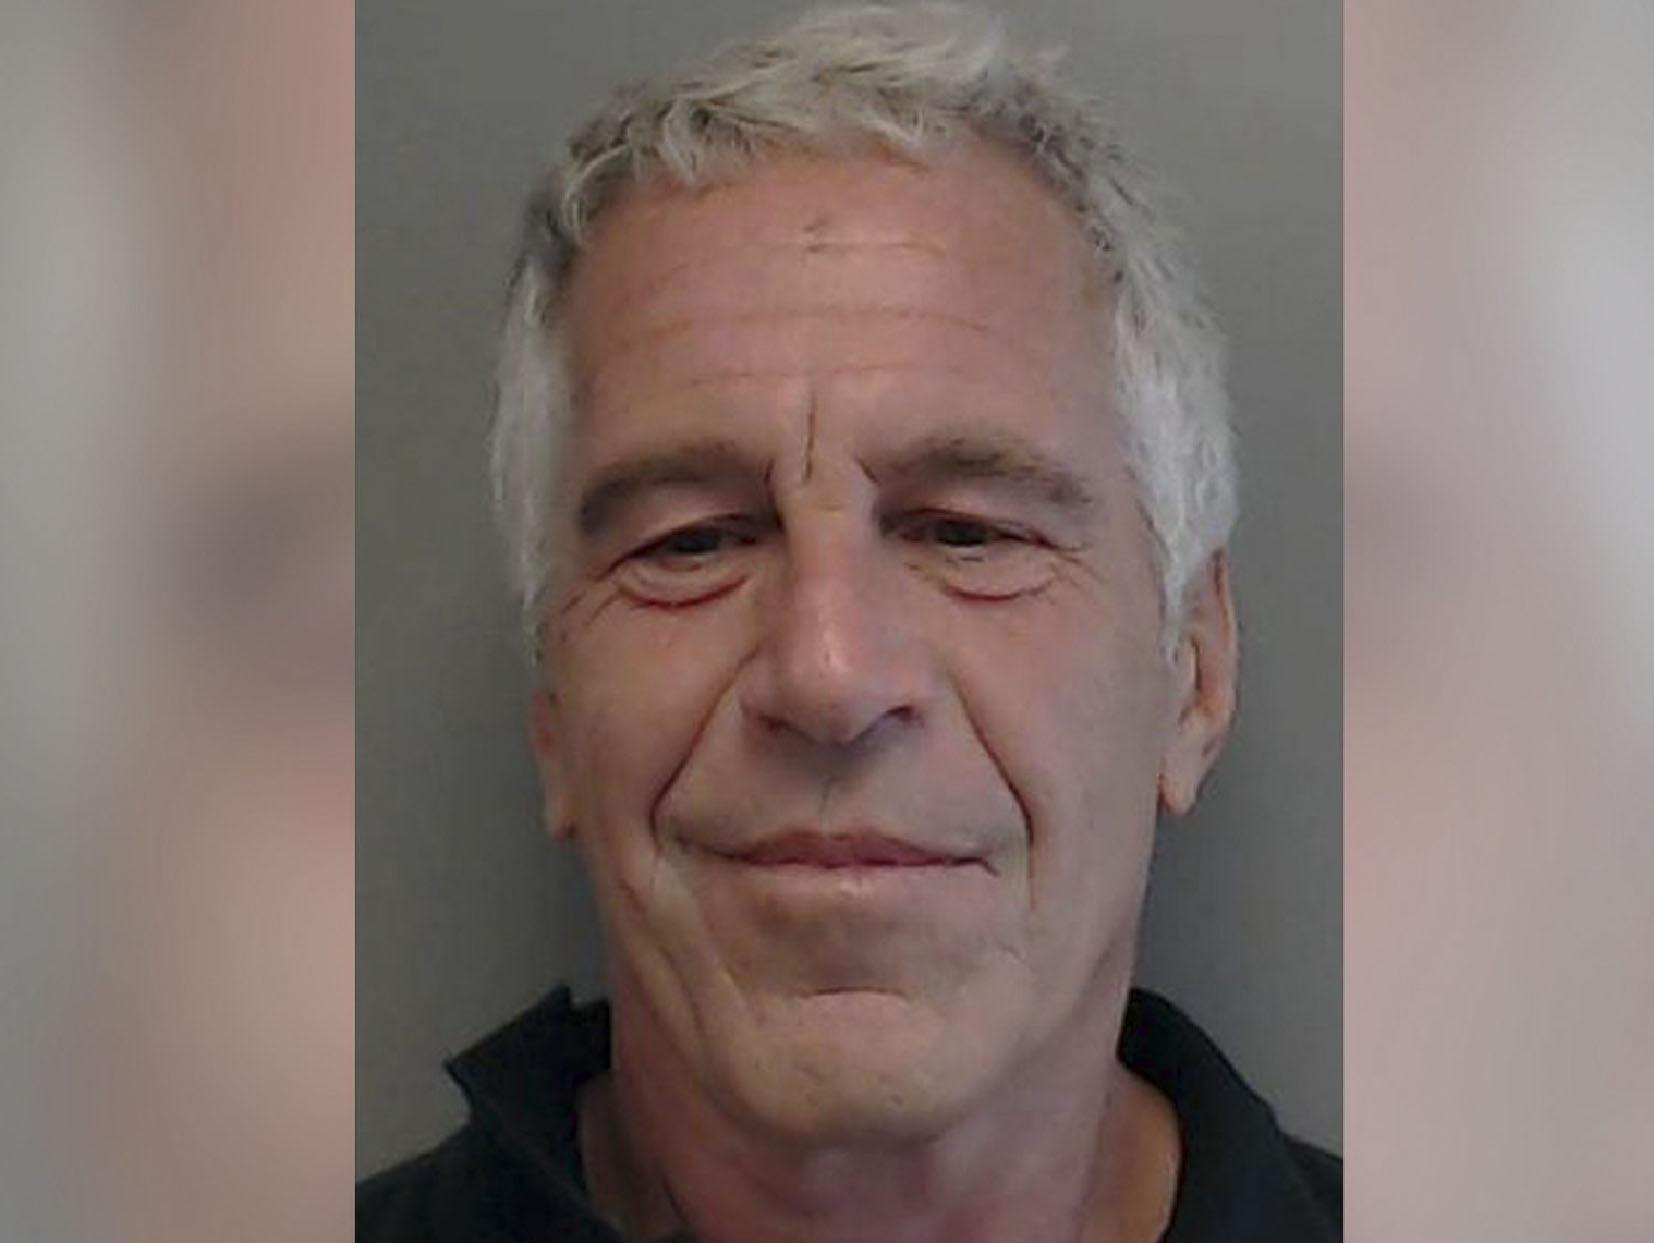 Jeffrey Epstein öngyilkos lett a börtönben